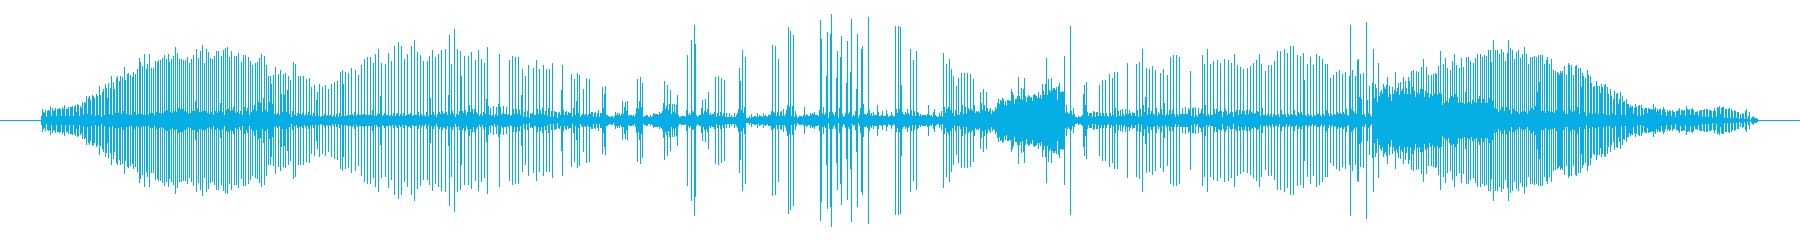 ロボットの声、電気のおしゃべり、ビ...の再生済みの波形